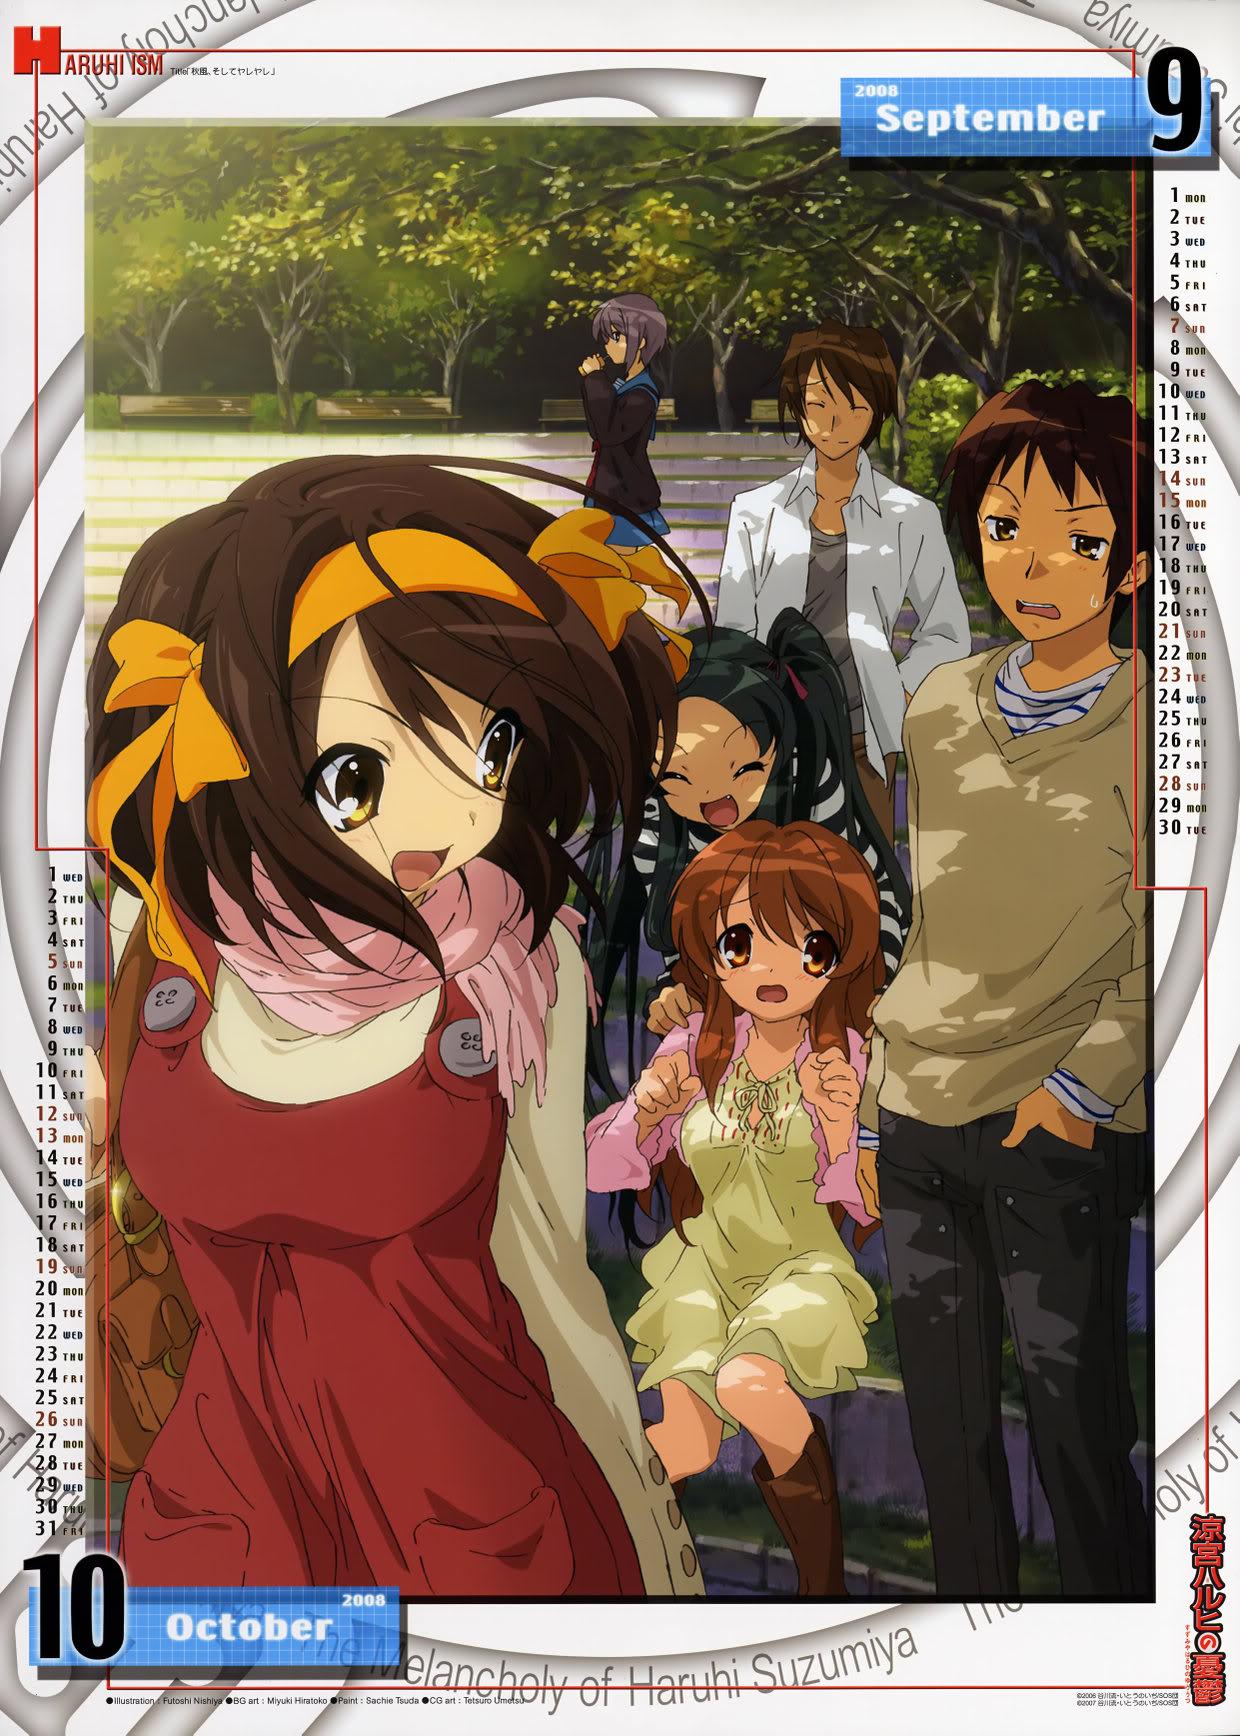 [MG] Suzumiya Haruhi no Yuuutsu Calendario 2008 SHnY2008_SeptiembreOctubre